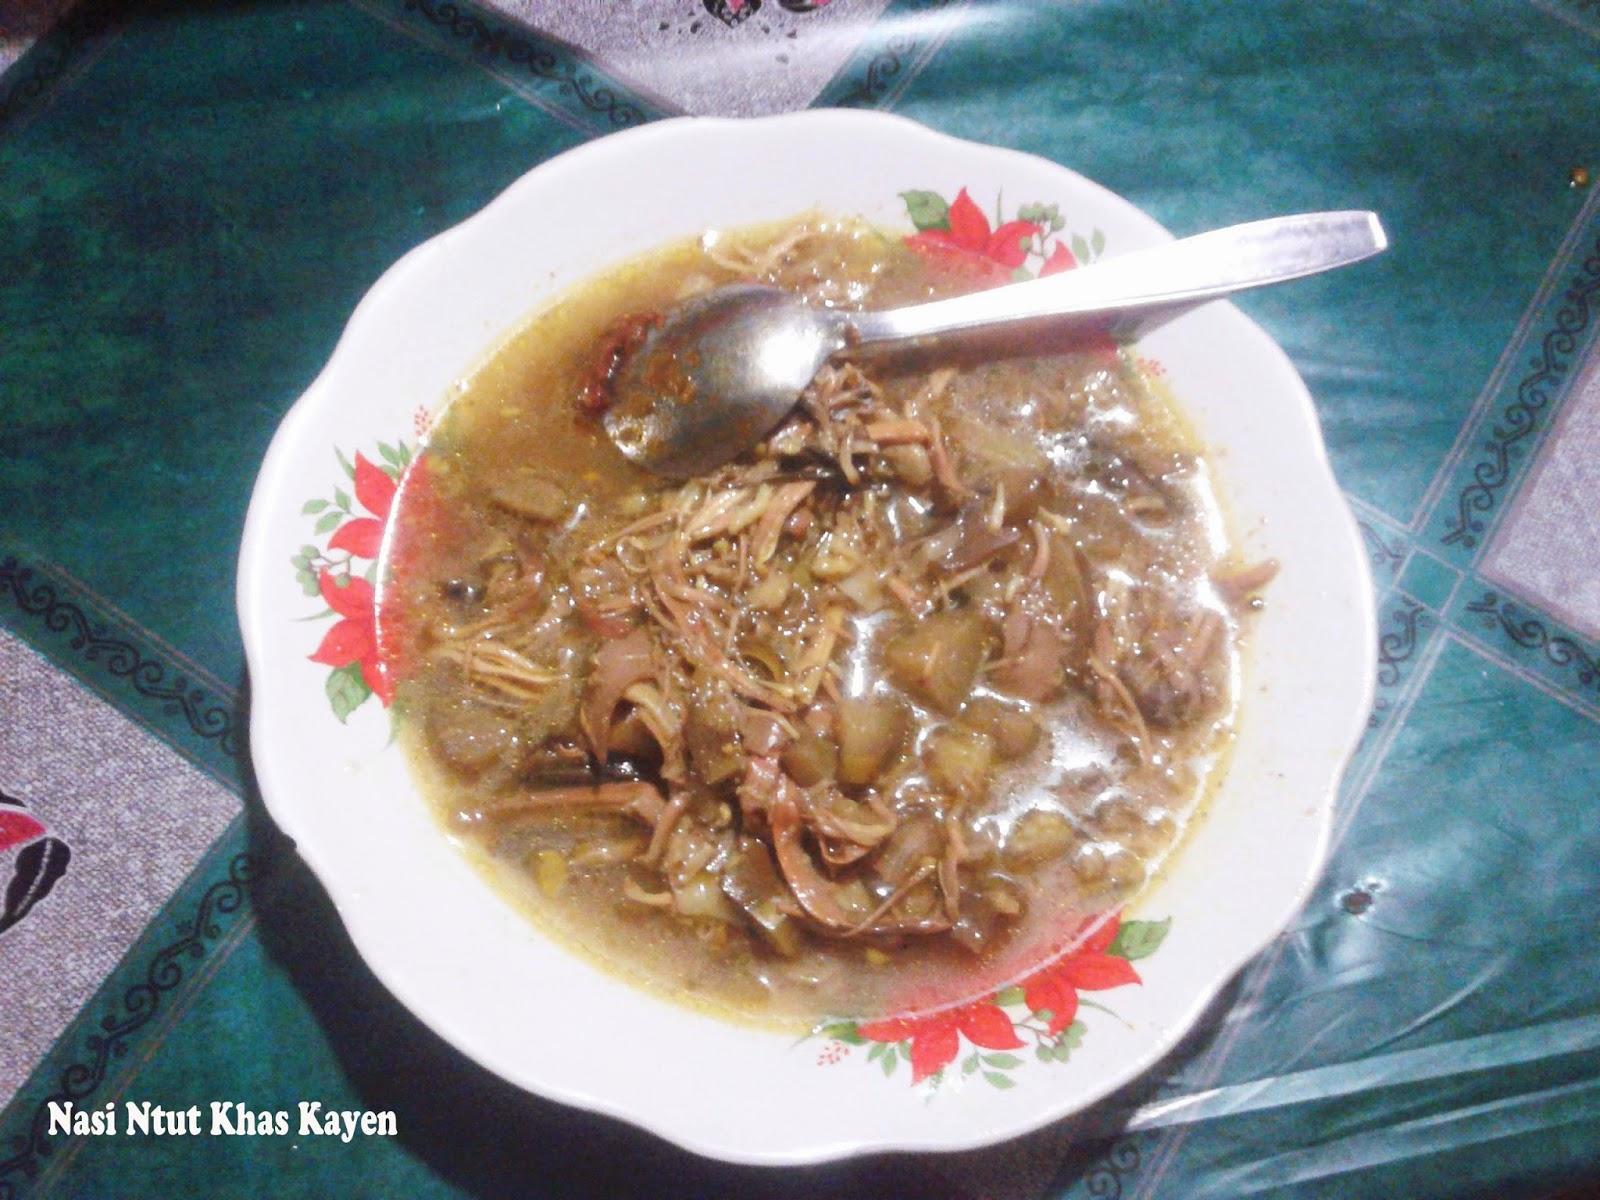 Wisata Kuliner Khas Kayen Pati, Nasi Ntut